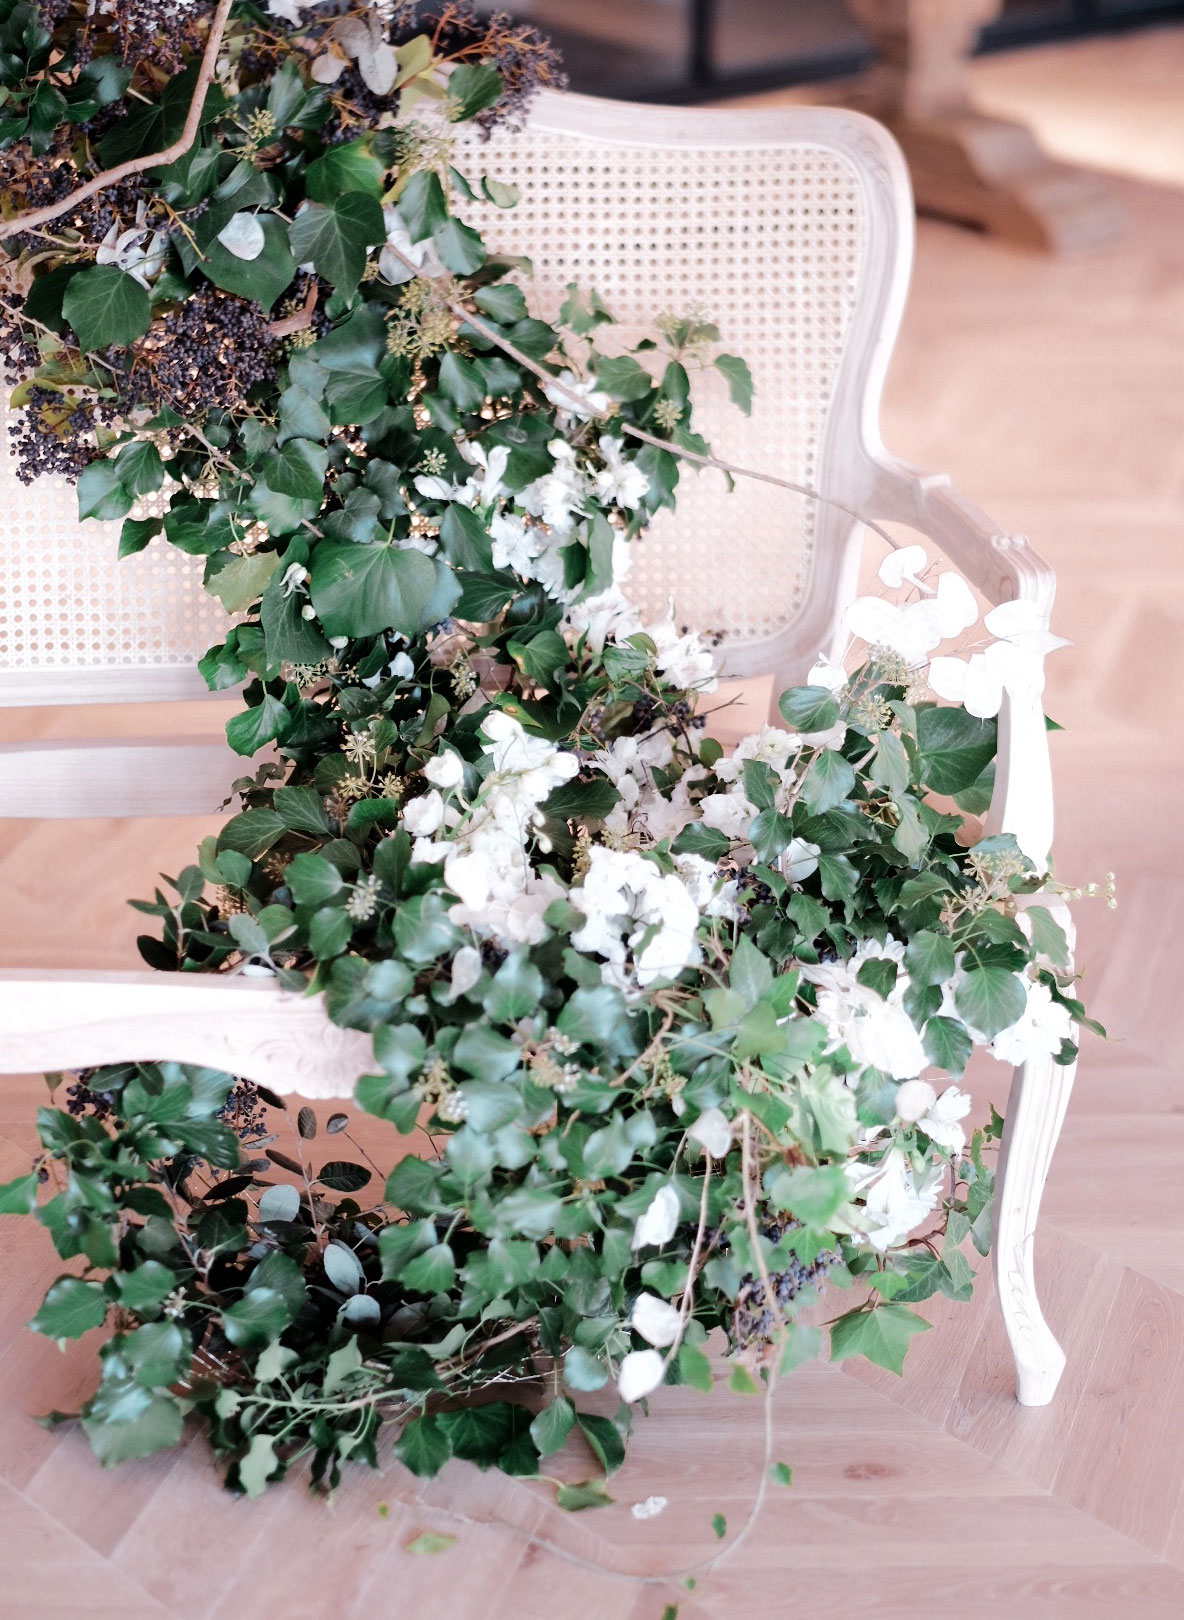 Arbolande-flores-instalacion-floral-AquedutoEventos-bienvenida-escaparate-contacto